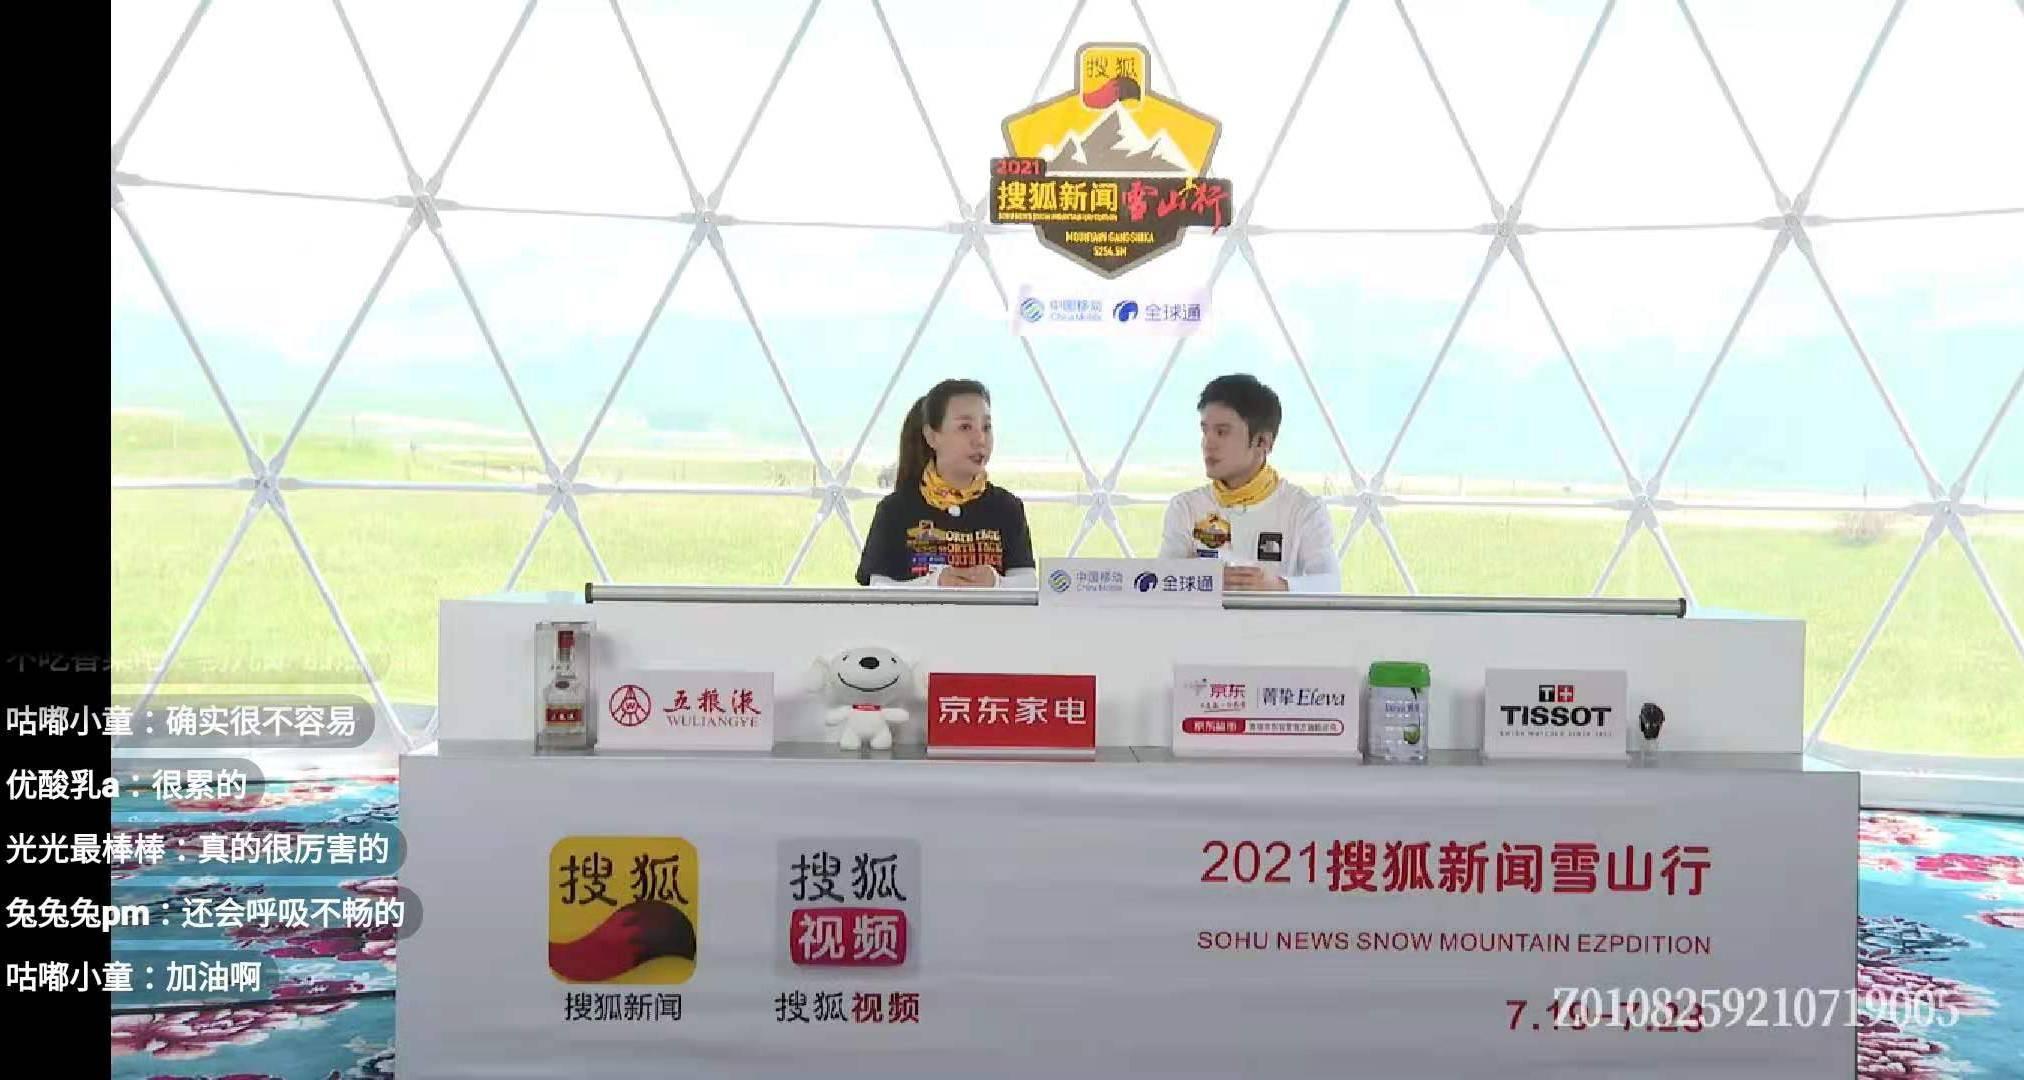 """张朝阳带你揭秘""""搜狐新闻雪山行""""直播中枢"""